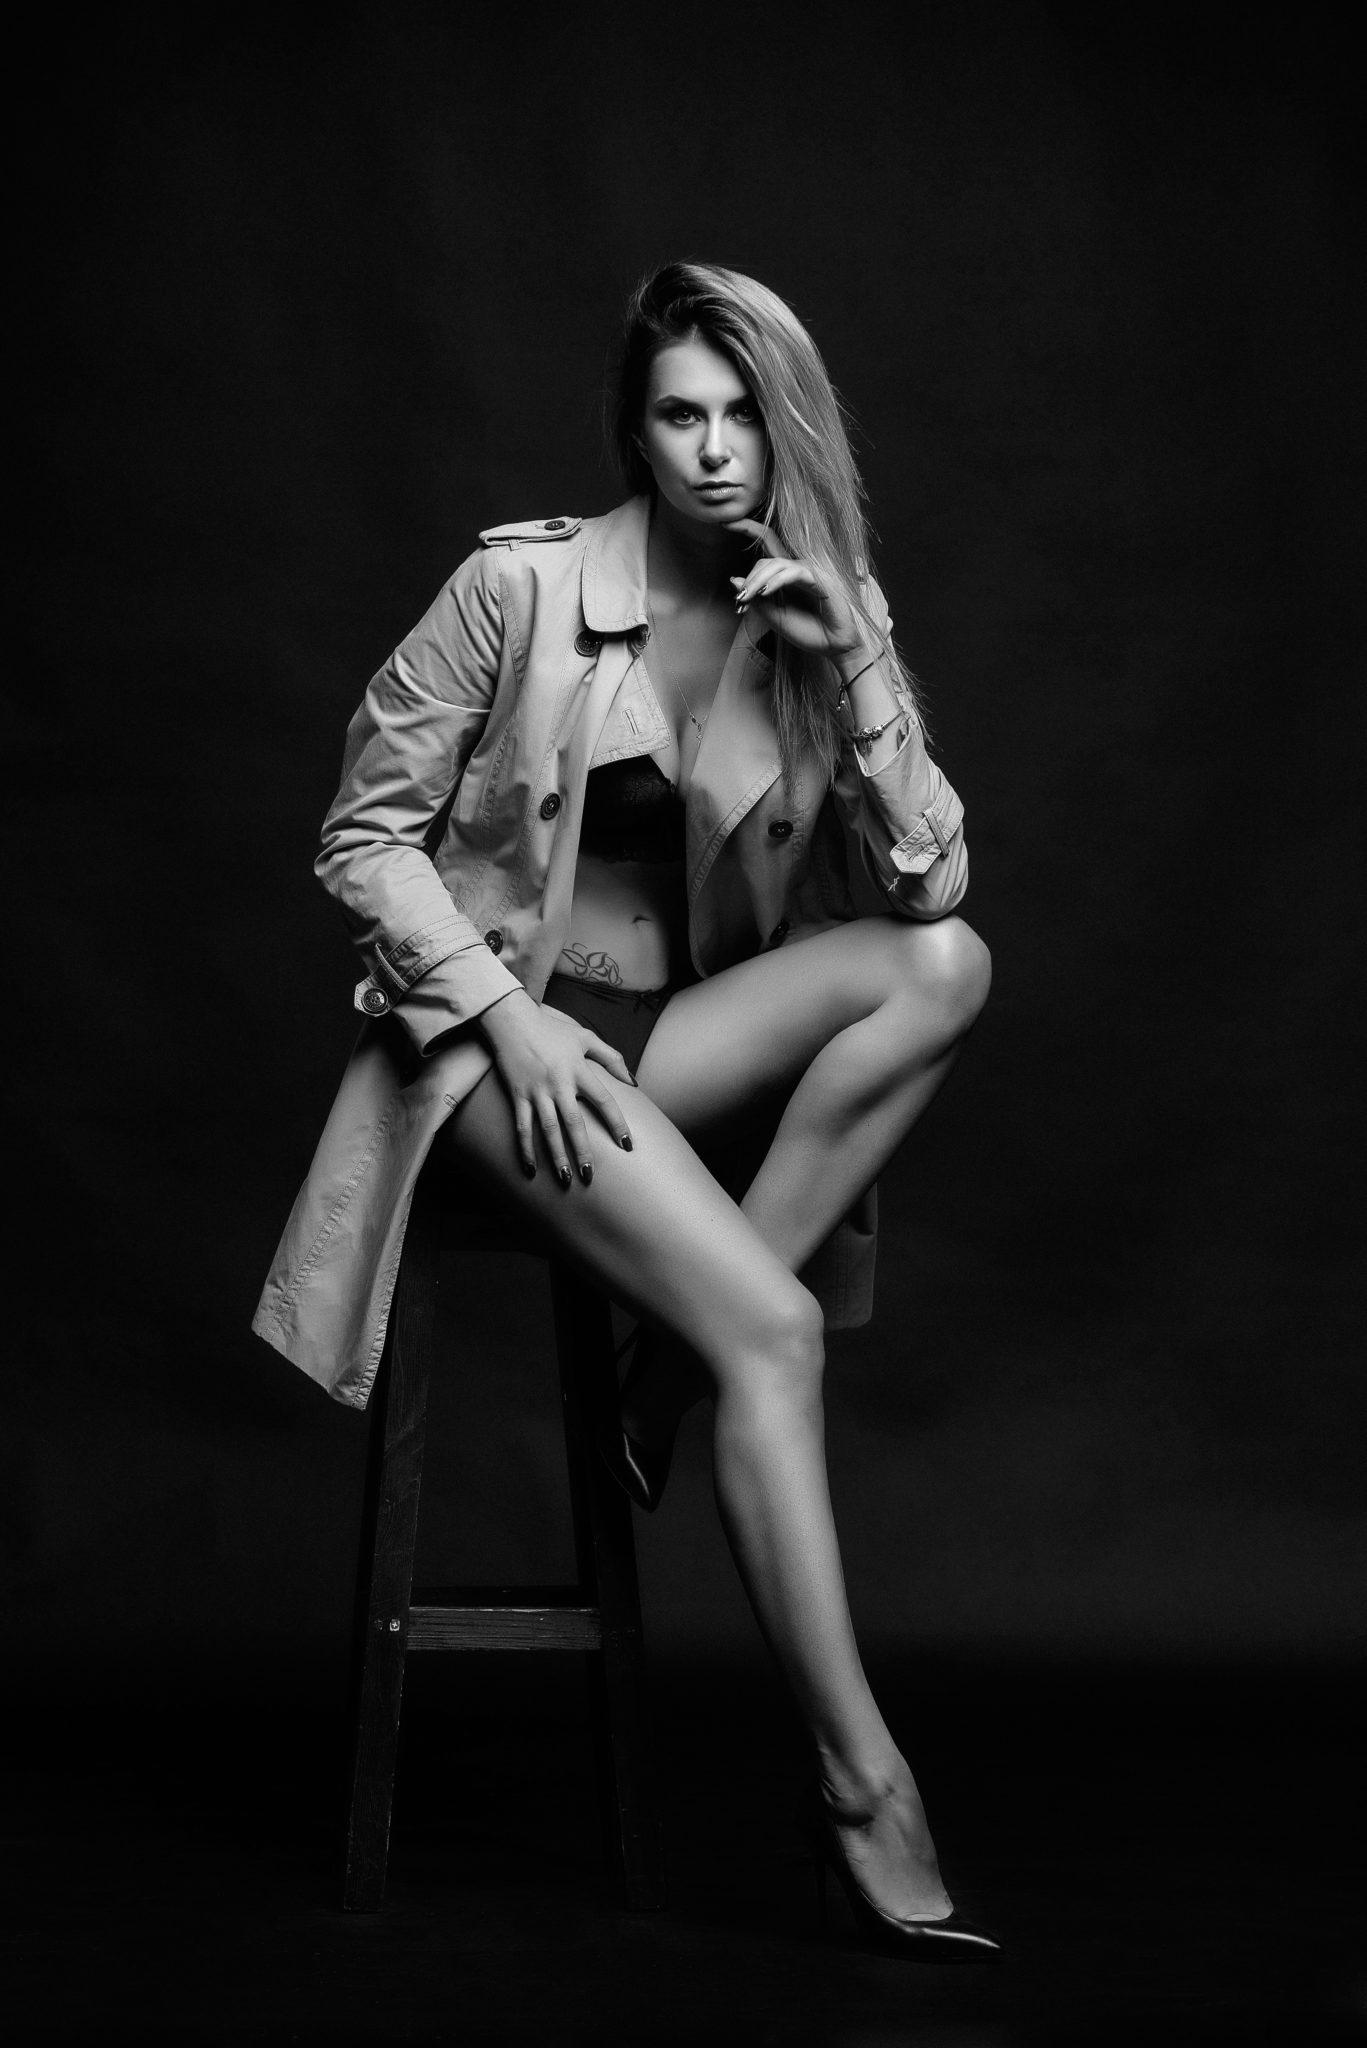 Фотосессия Премиум, чб, модель, девушка в плаще, на черном фоне сидит на стульчике